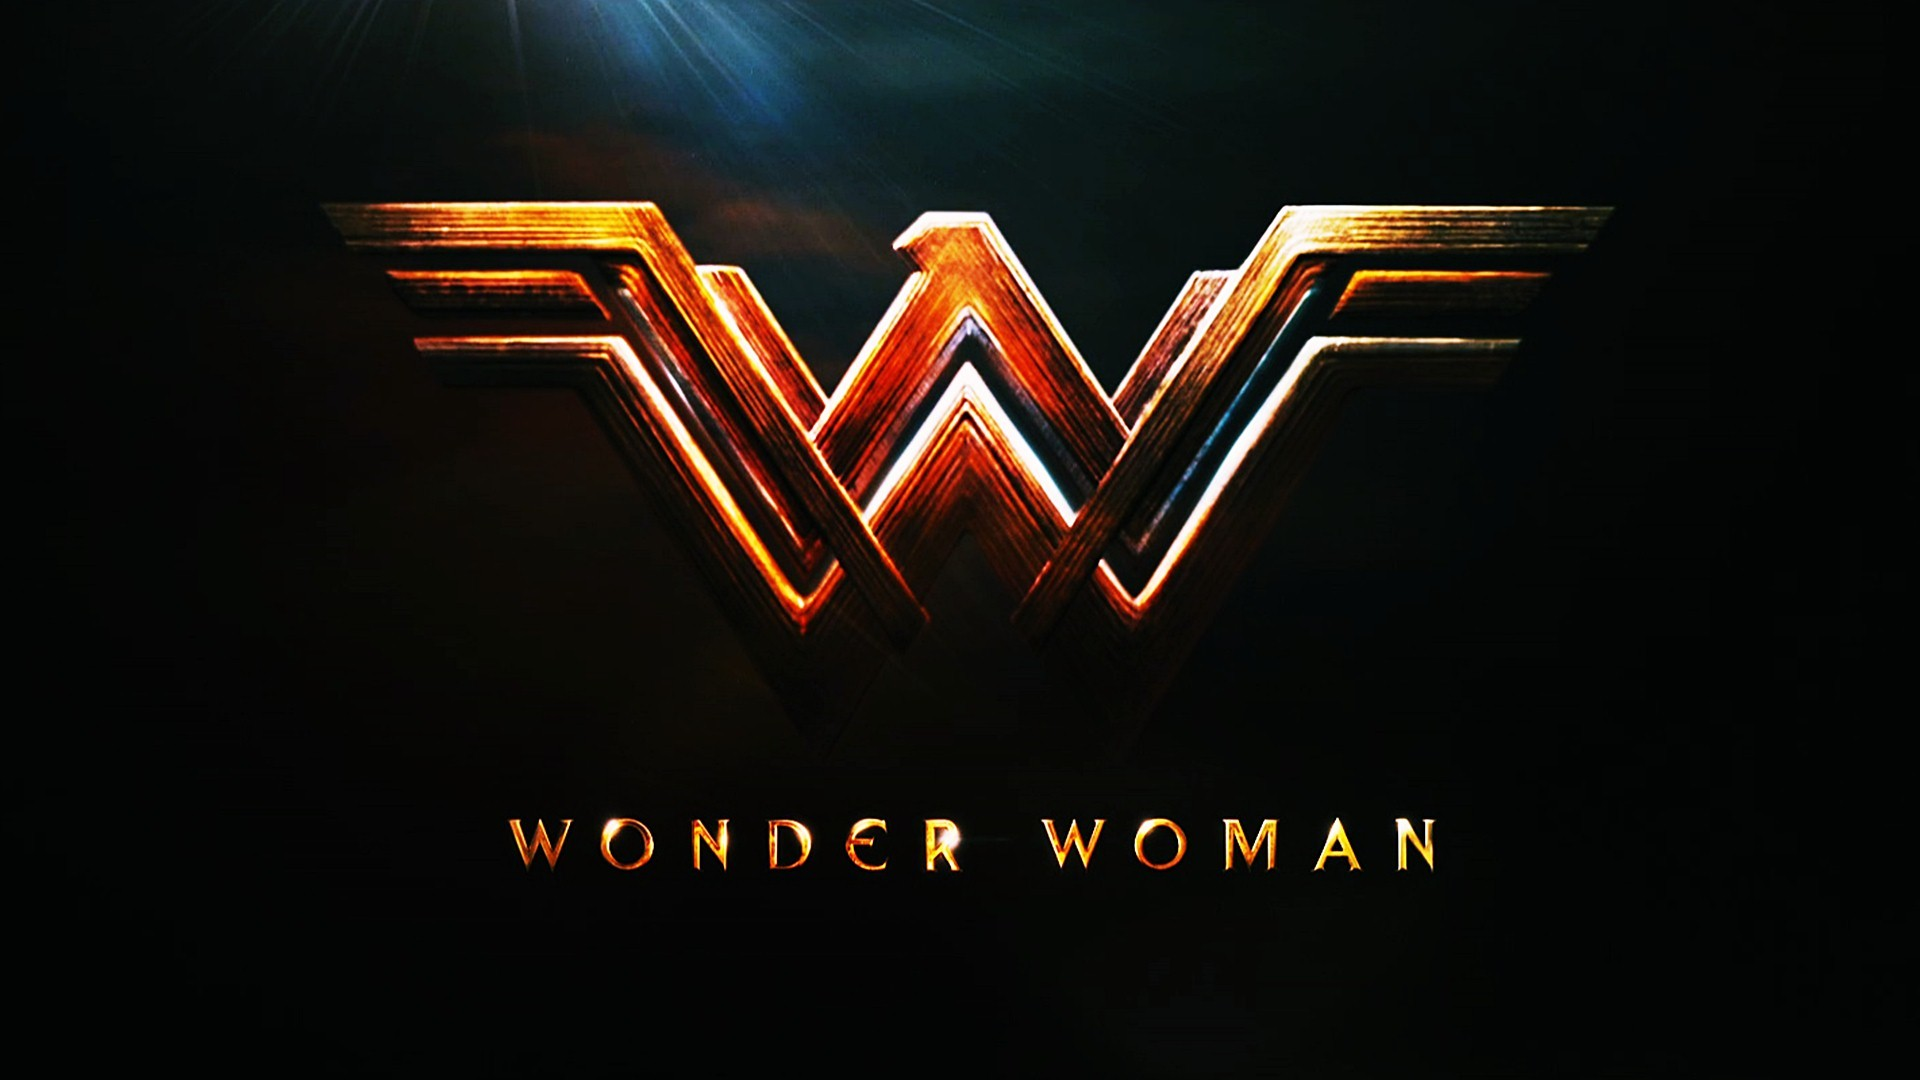 Wonder Woman   Src Wonder Woman Logo Wallpaper For - Wonder Woman Logo Movie - HD Wallpaper